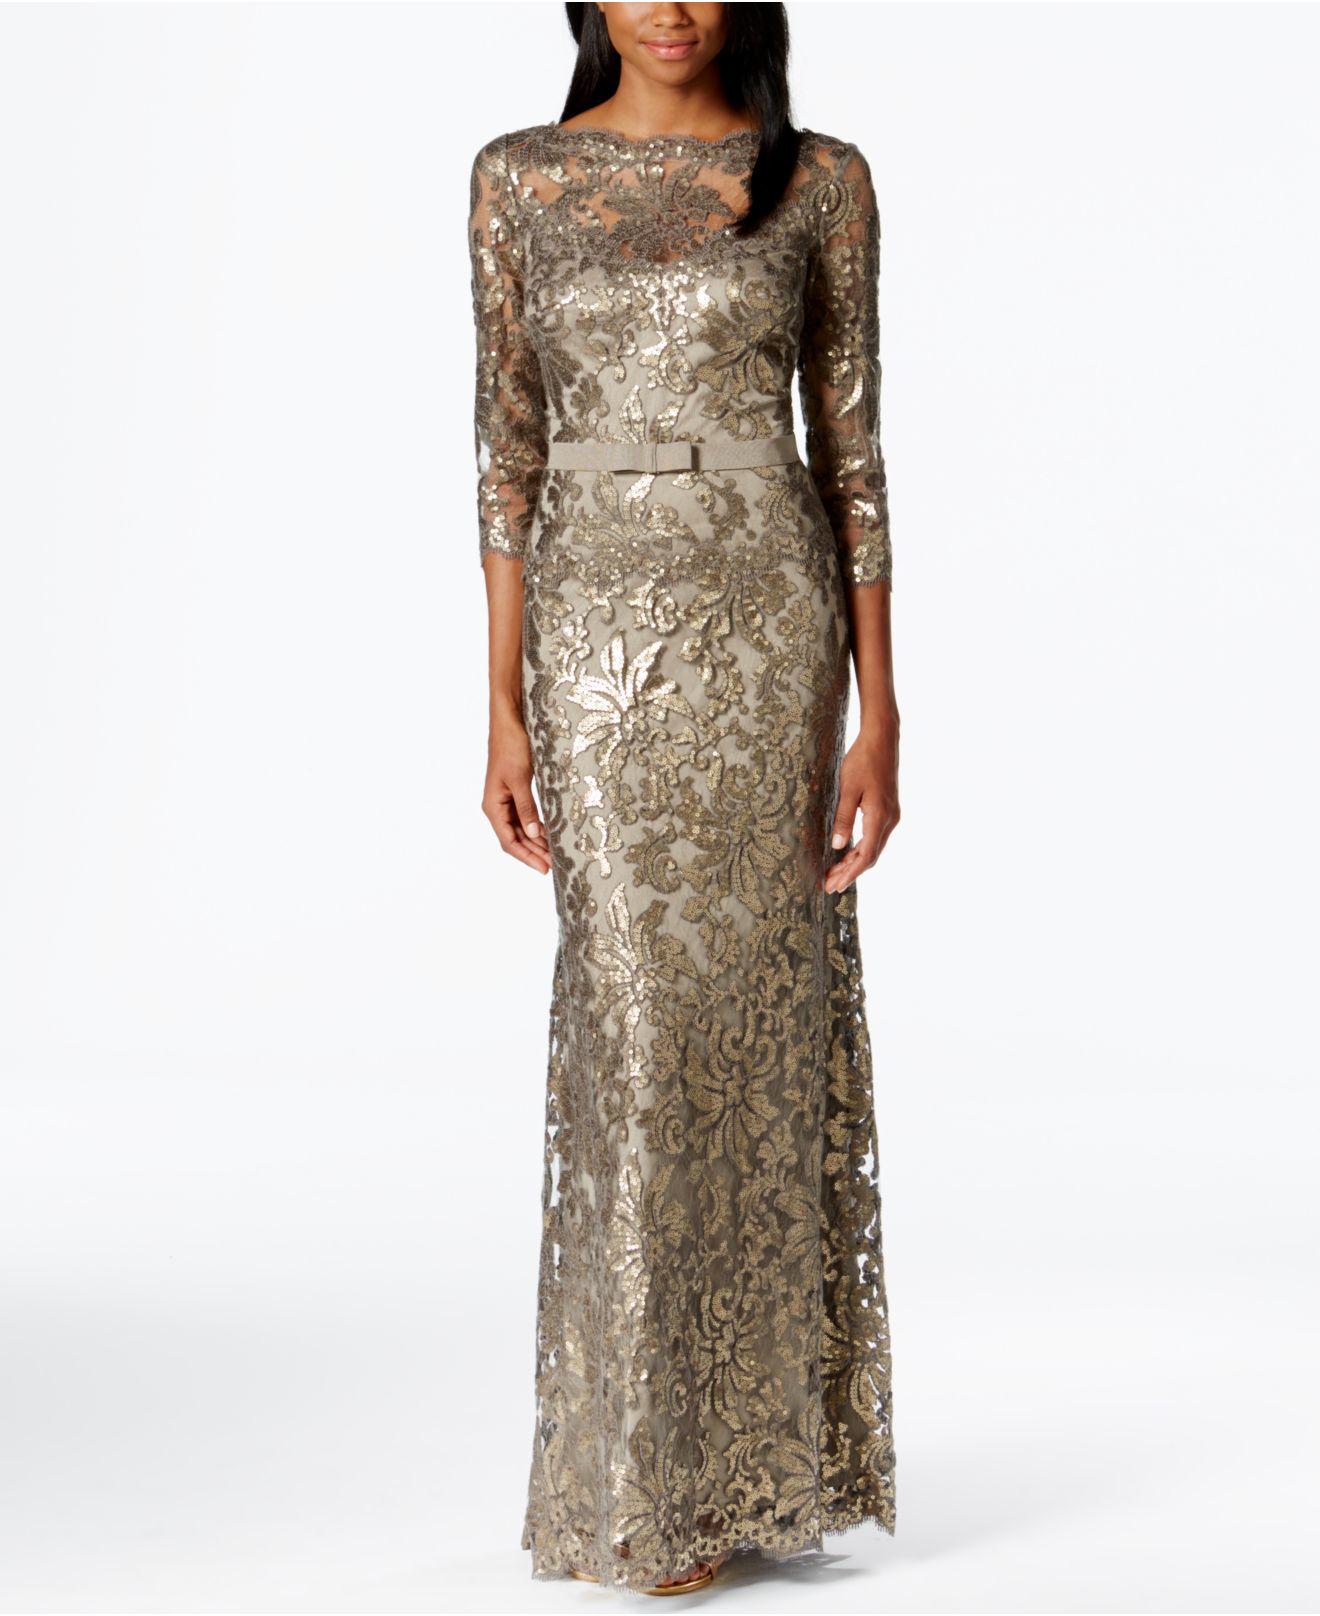 1e847828f1d Tadashi Shoji Smoke Metallic Lace Evening Gown in Gray - Lyst